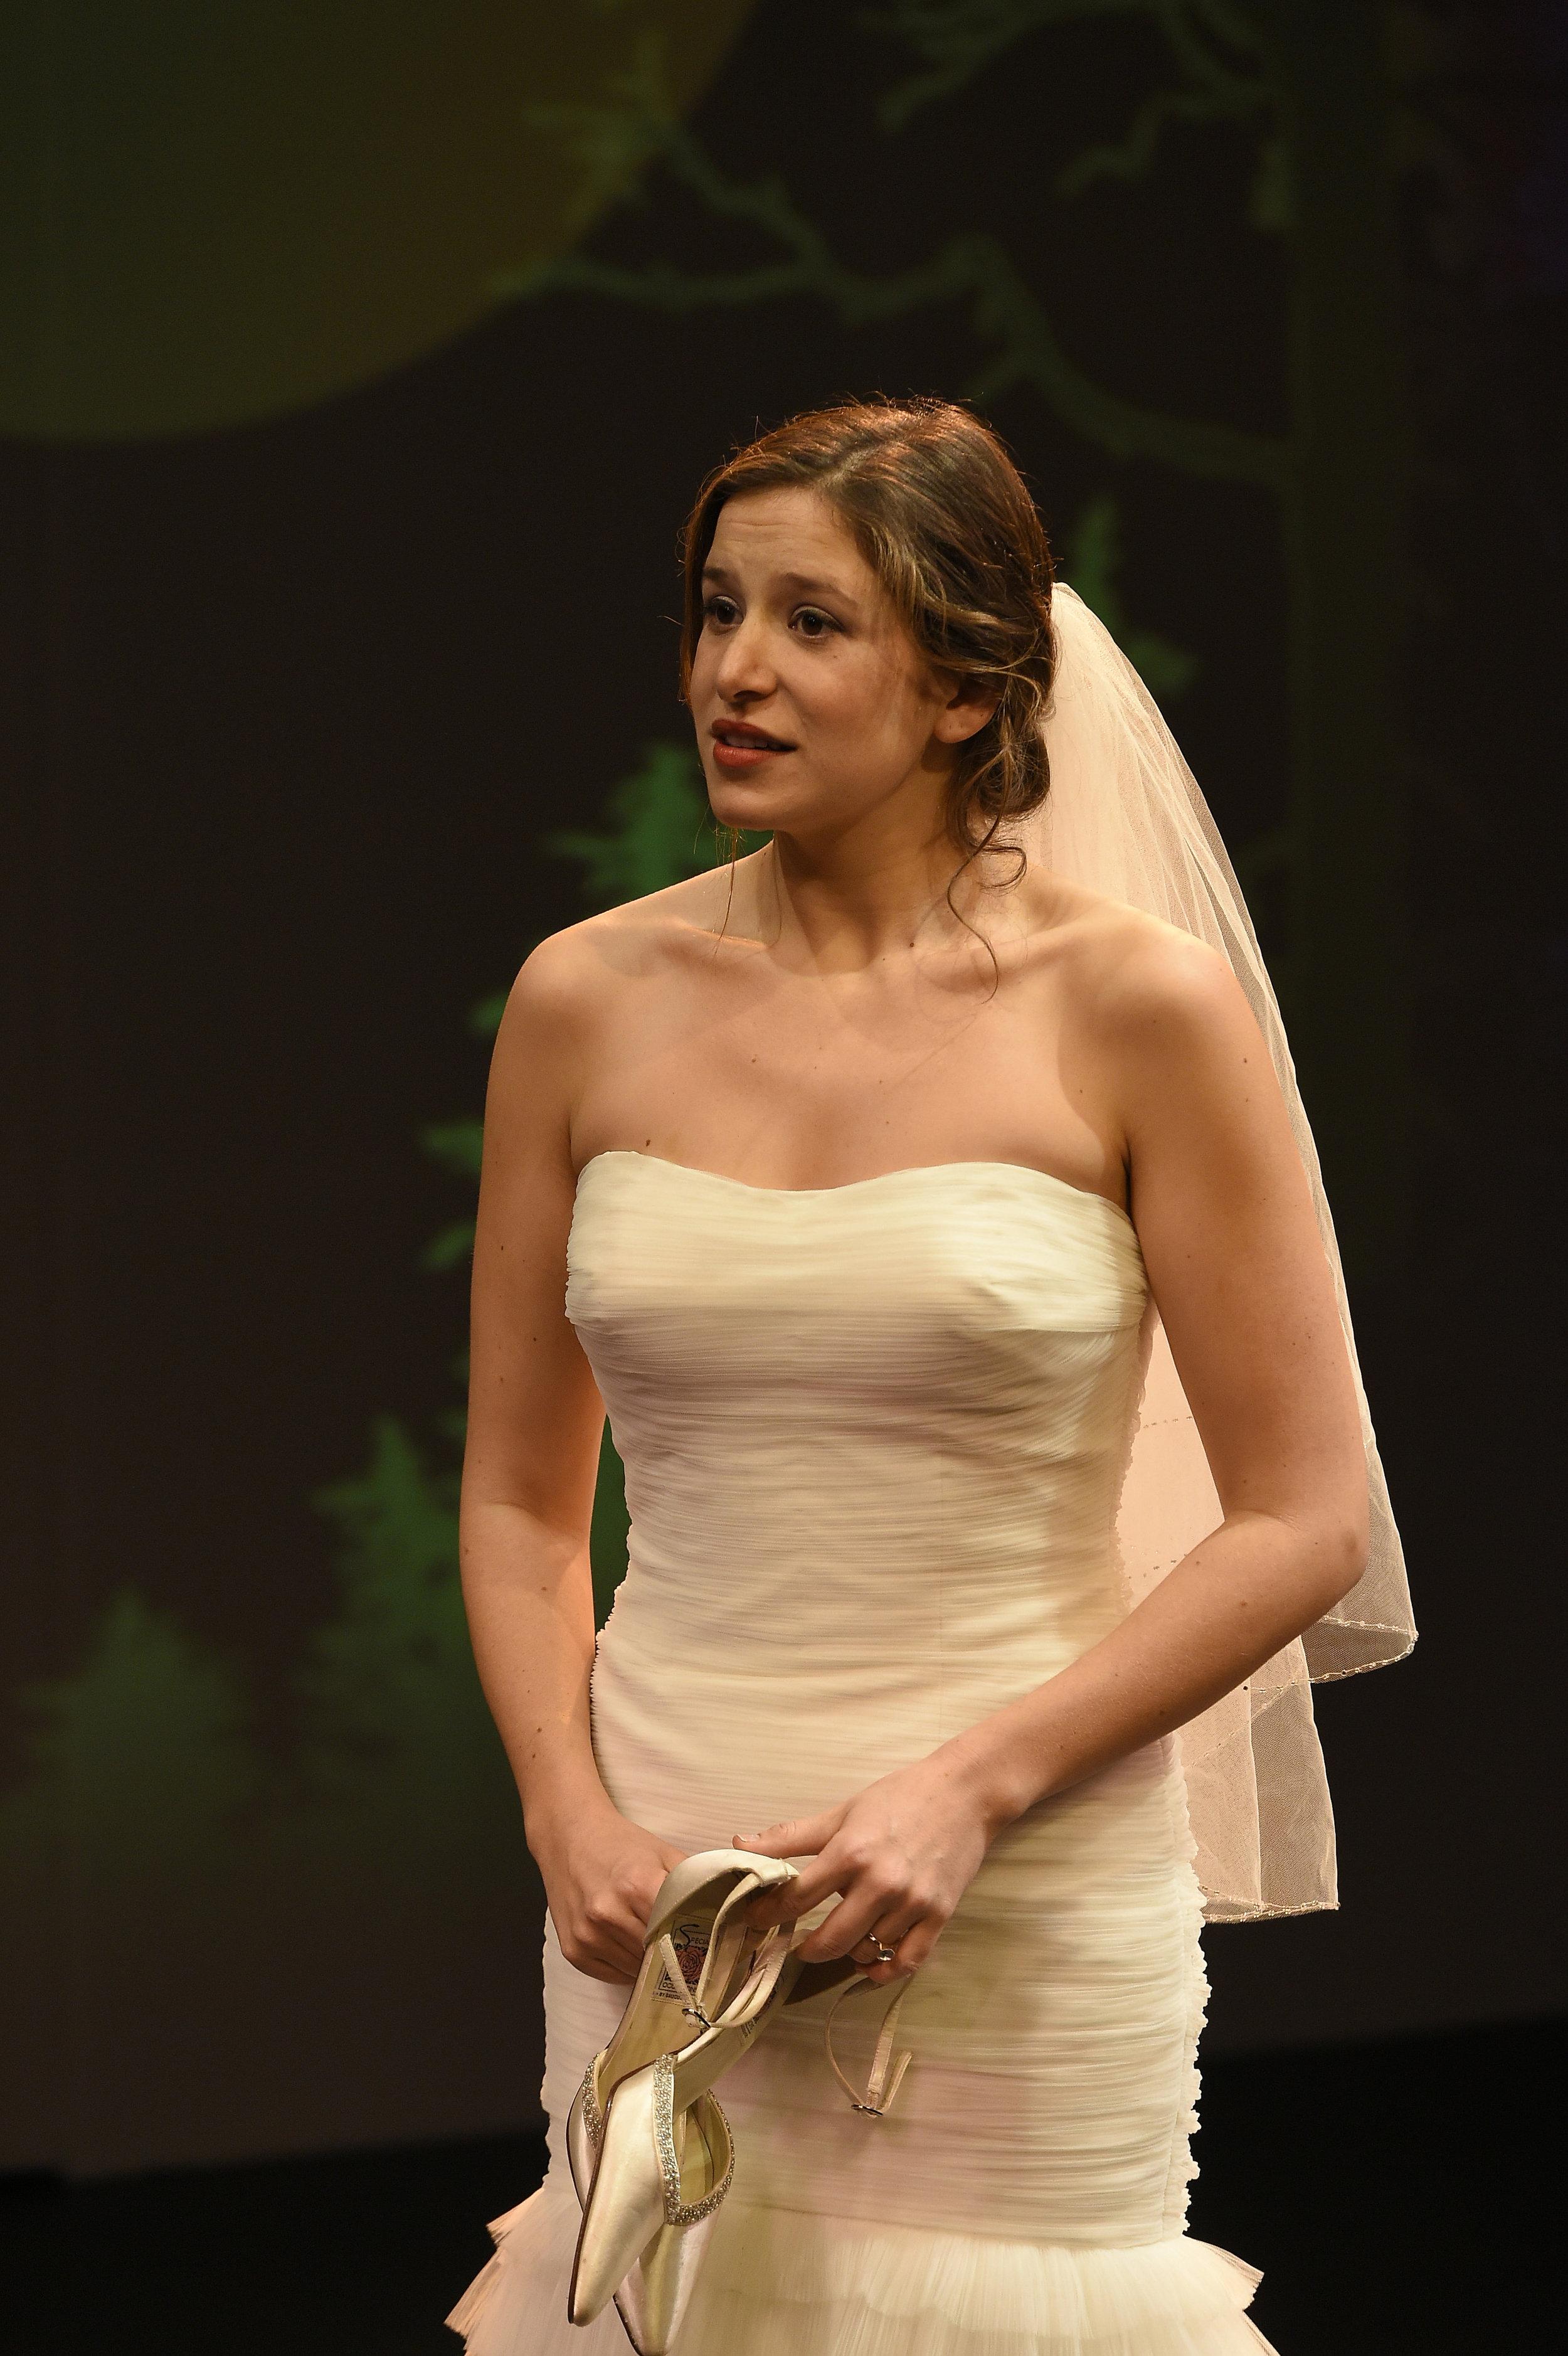 The Bride in Gnit by Will Eno, USC MFA 2019